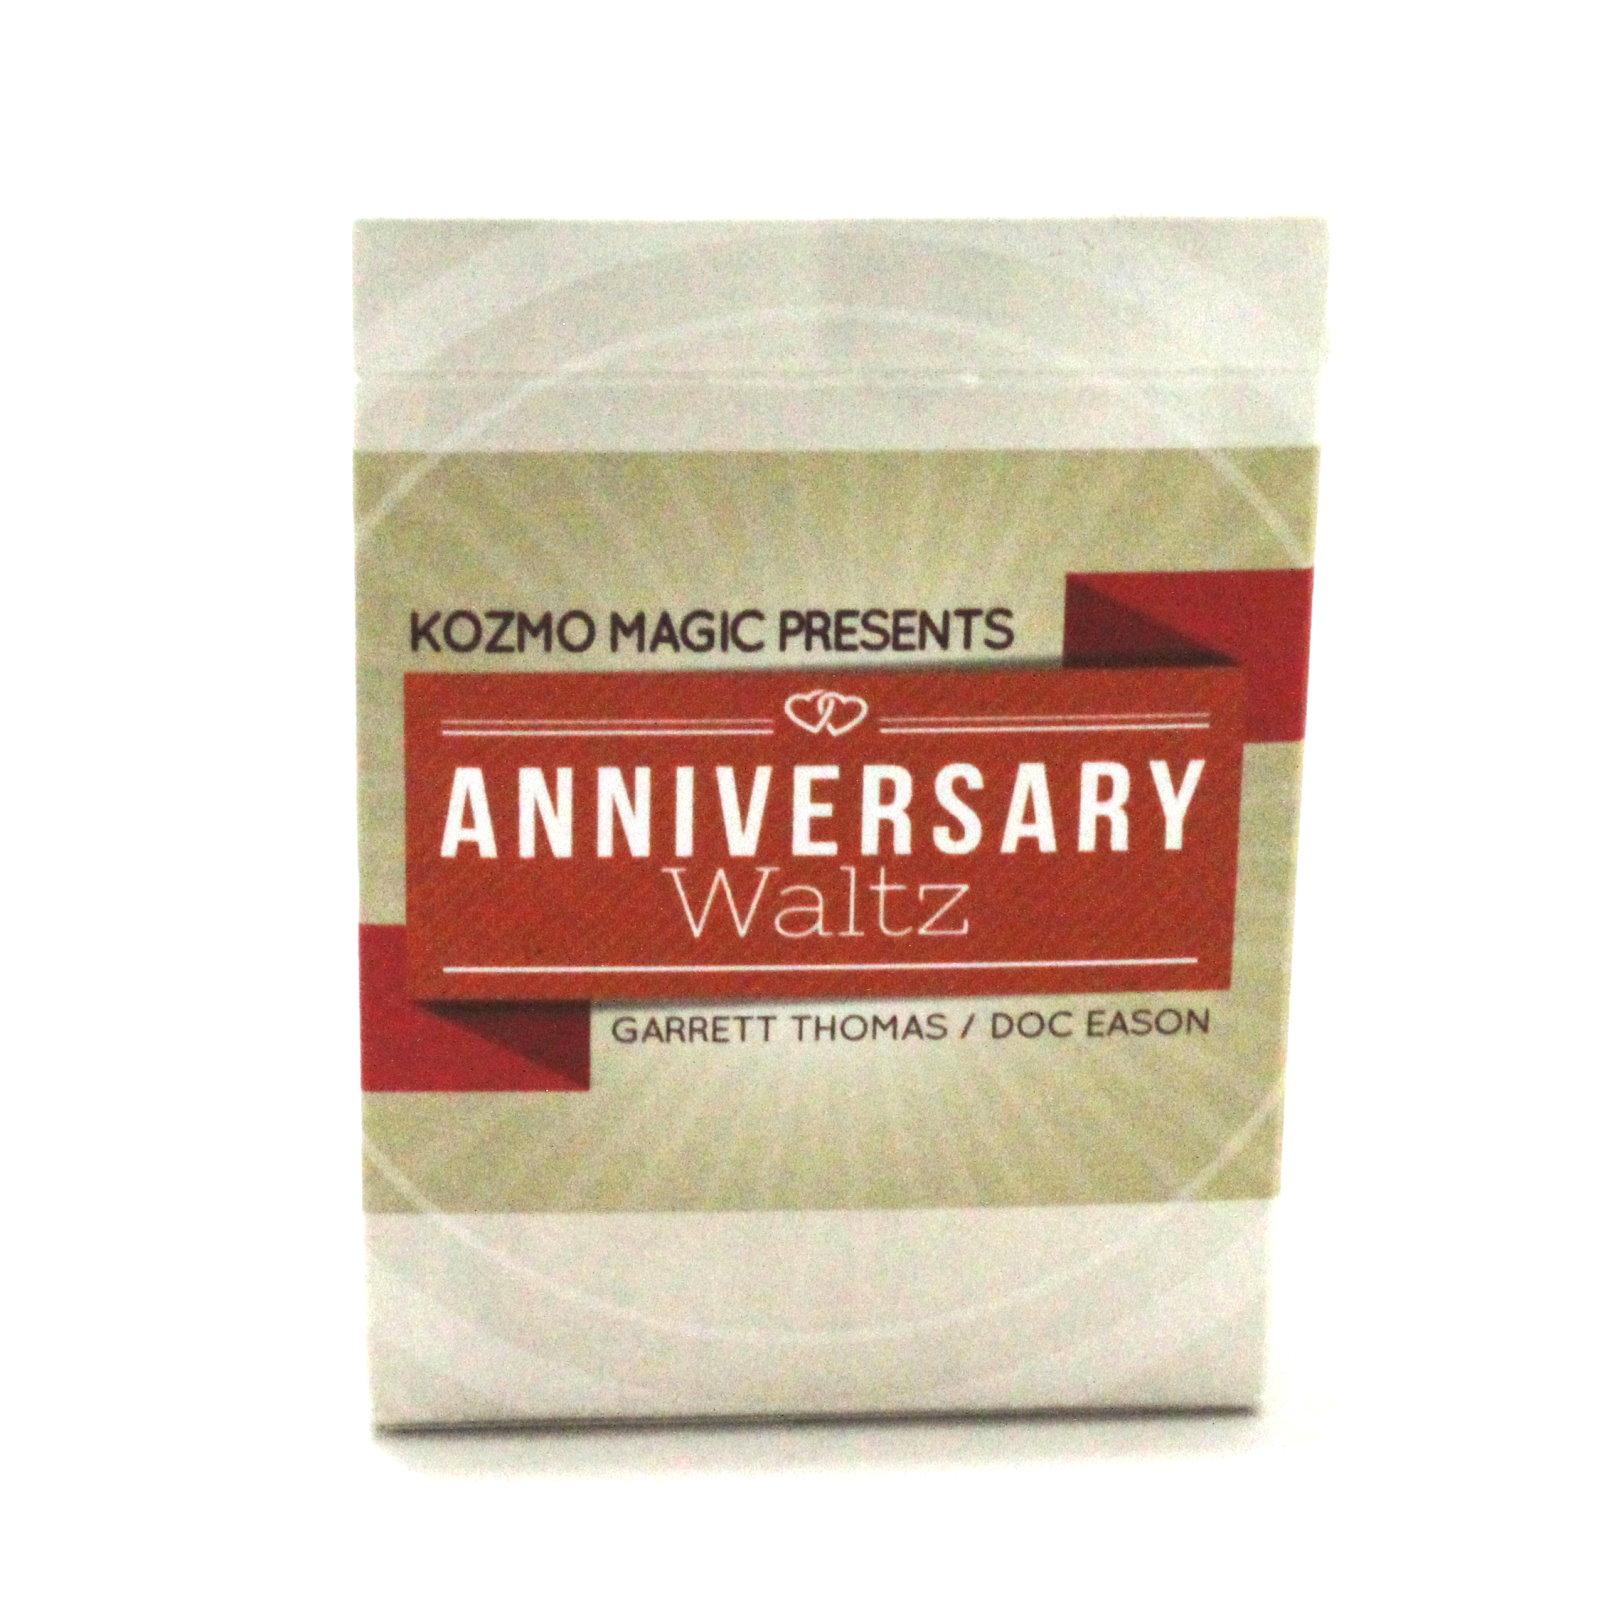 The Anniversary Waltz by Garrett Thomas and Doc Eason